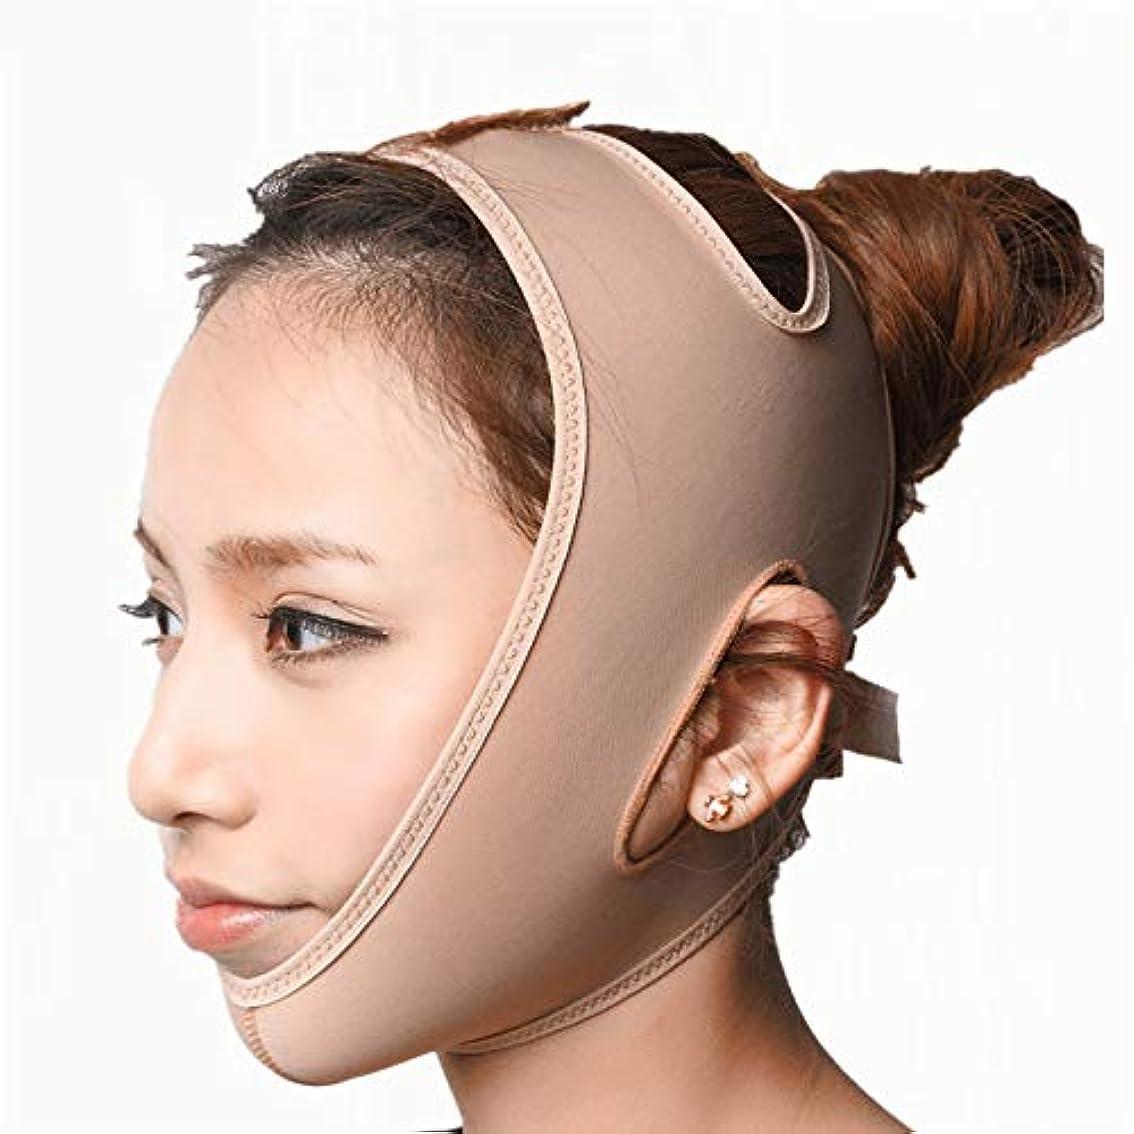 ホステス湿度誰でも顔の持ち上がる痩身ベルト - アンチエイジングリンクルフェイスマスクベルトシンフェイス包帯整形マスクは顔と首を締めますフェイススリム (サイズ さいず : S s)